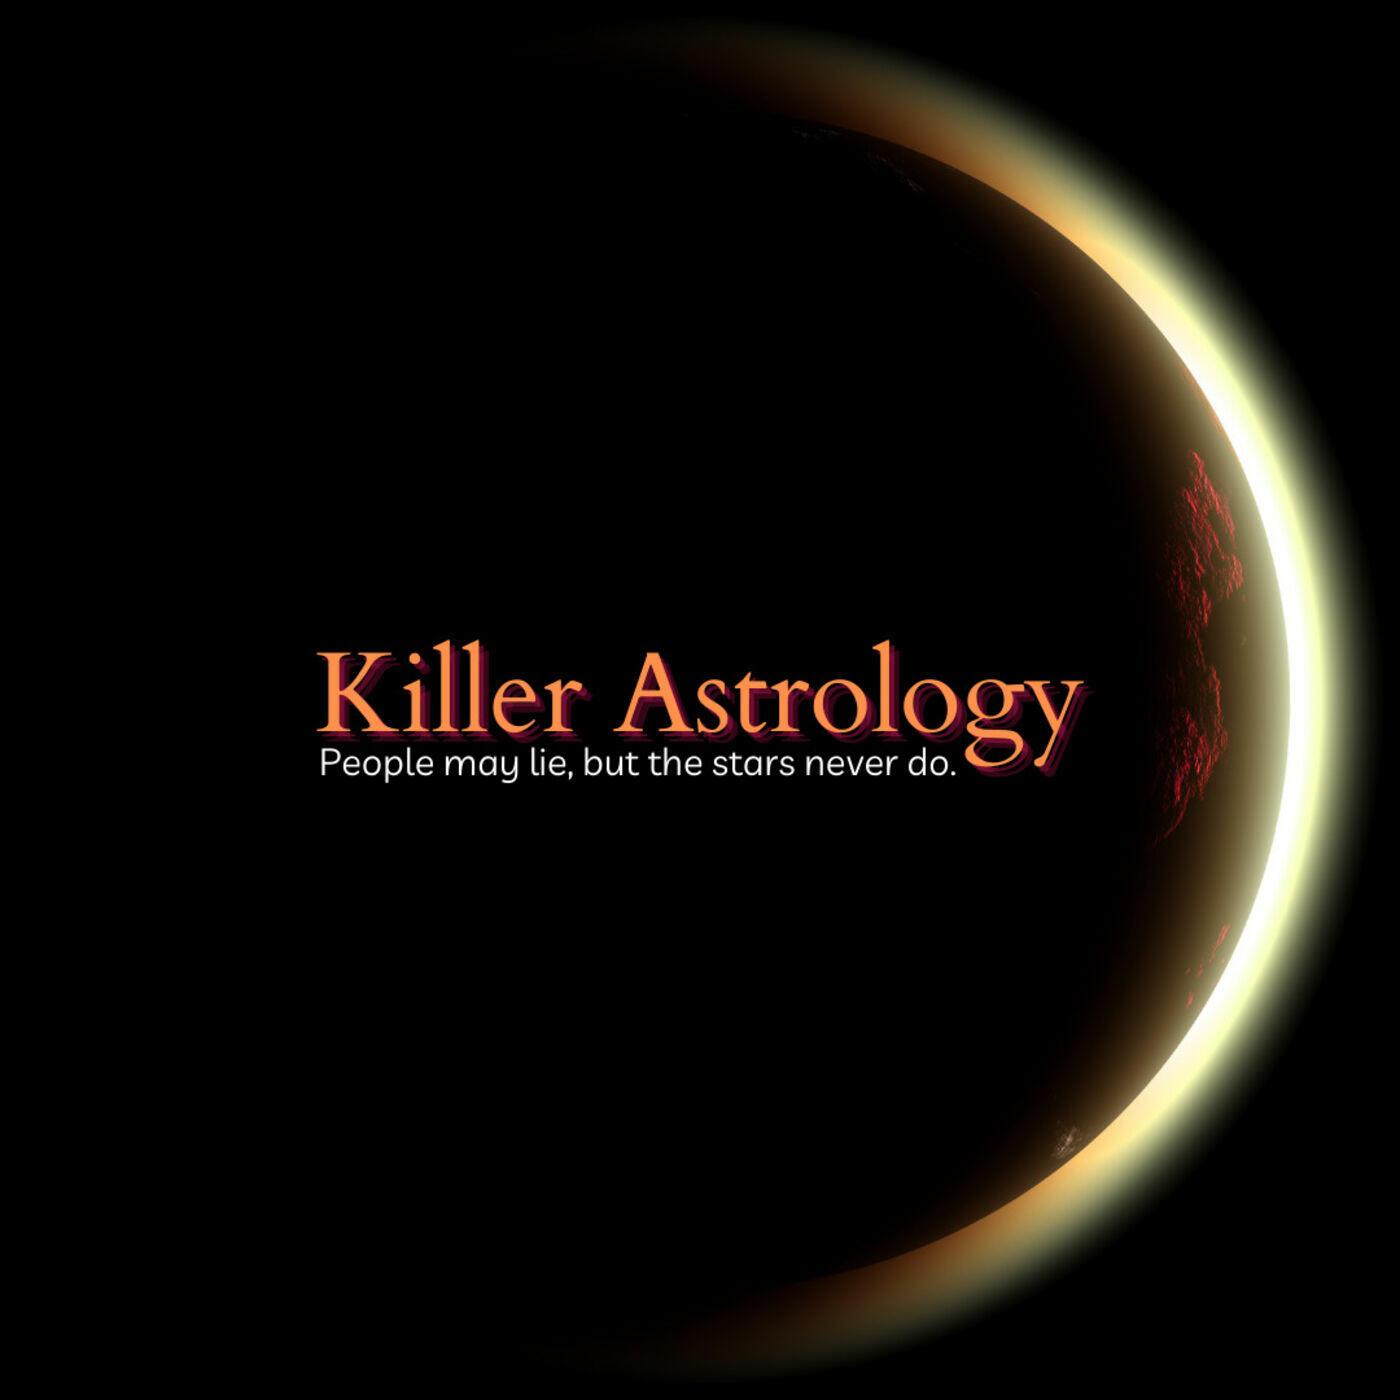 Killer Astrology